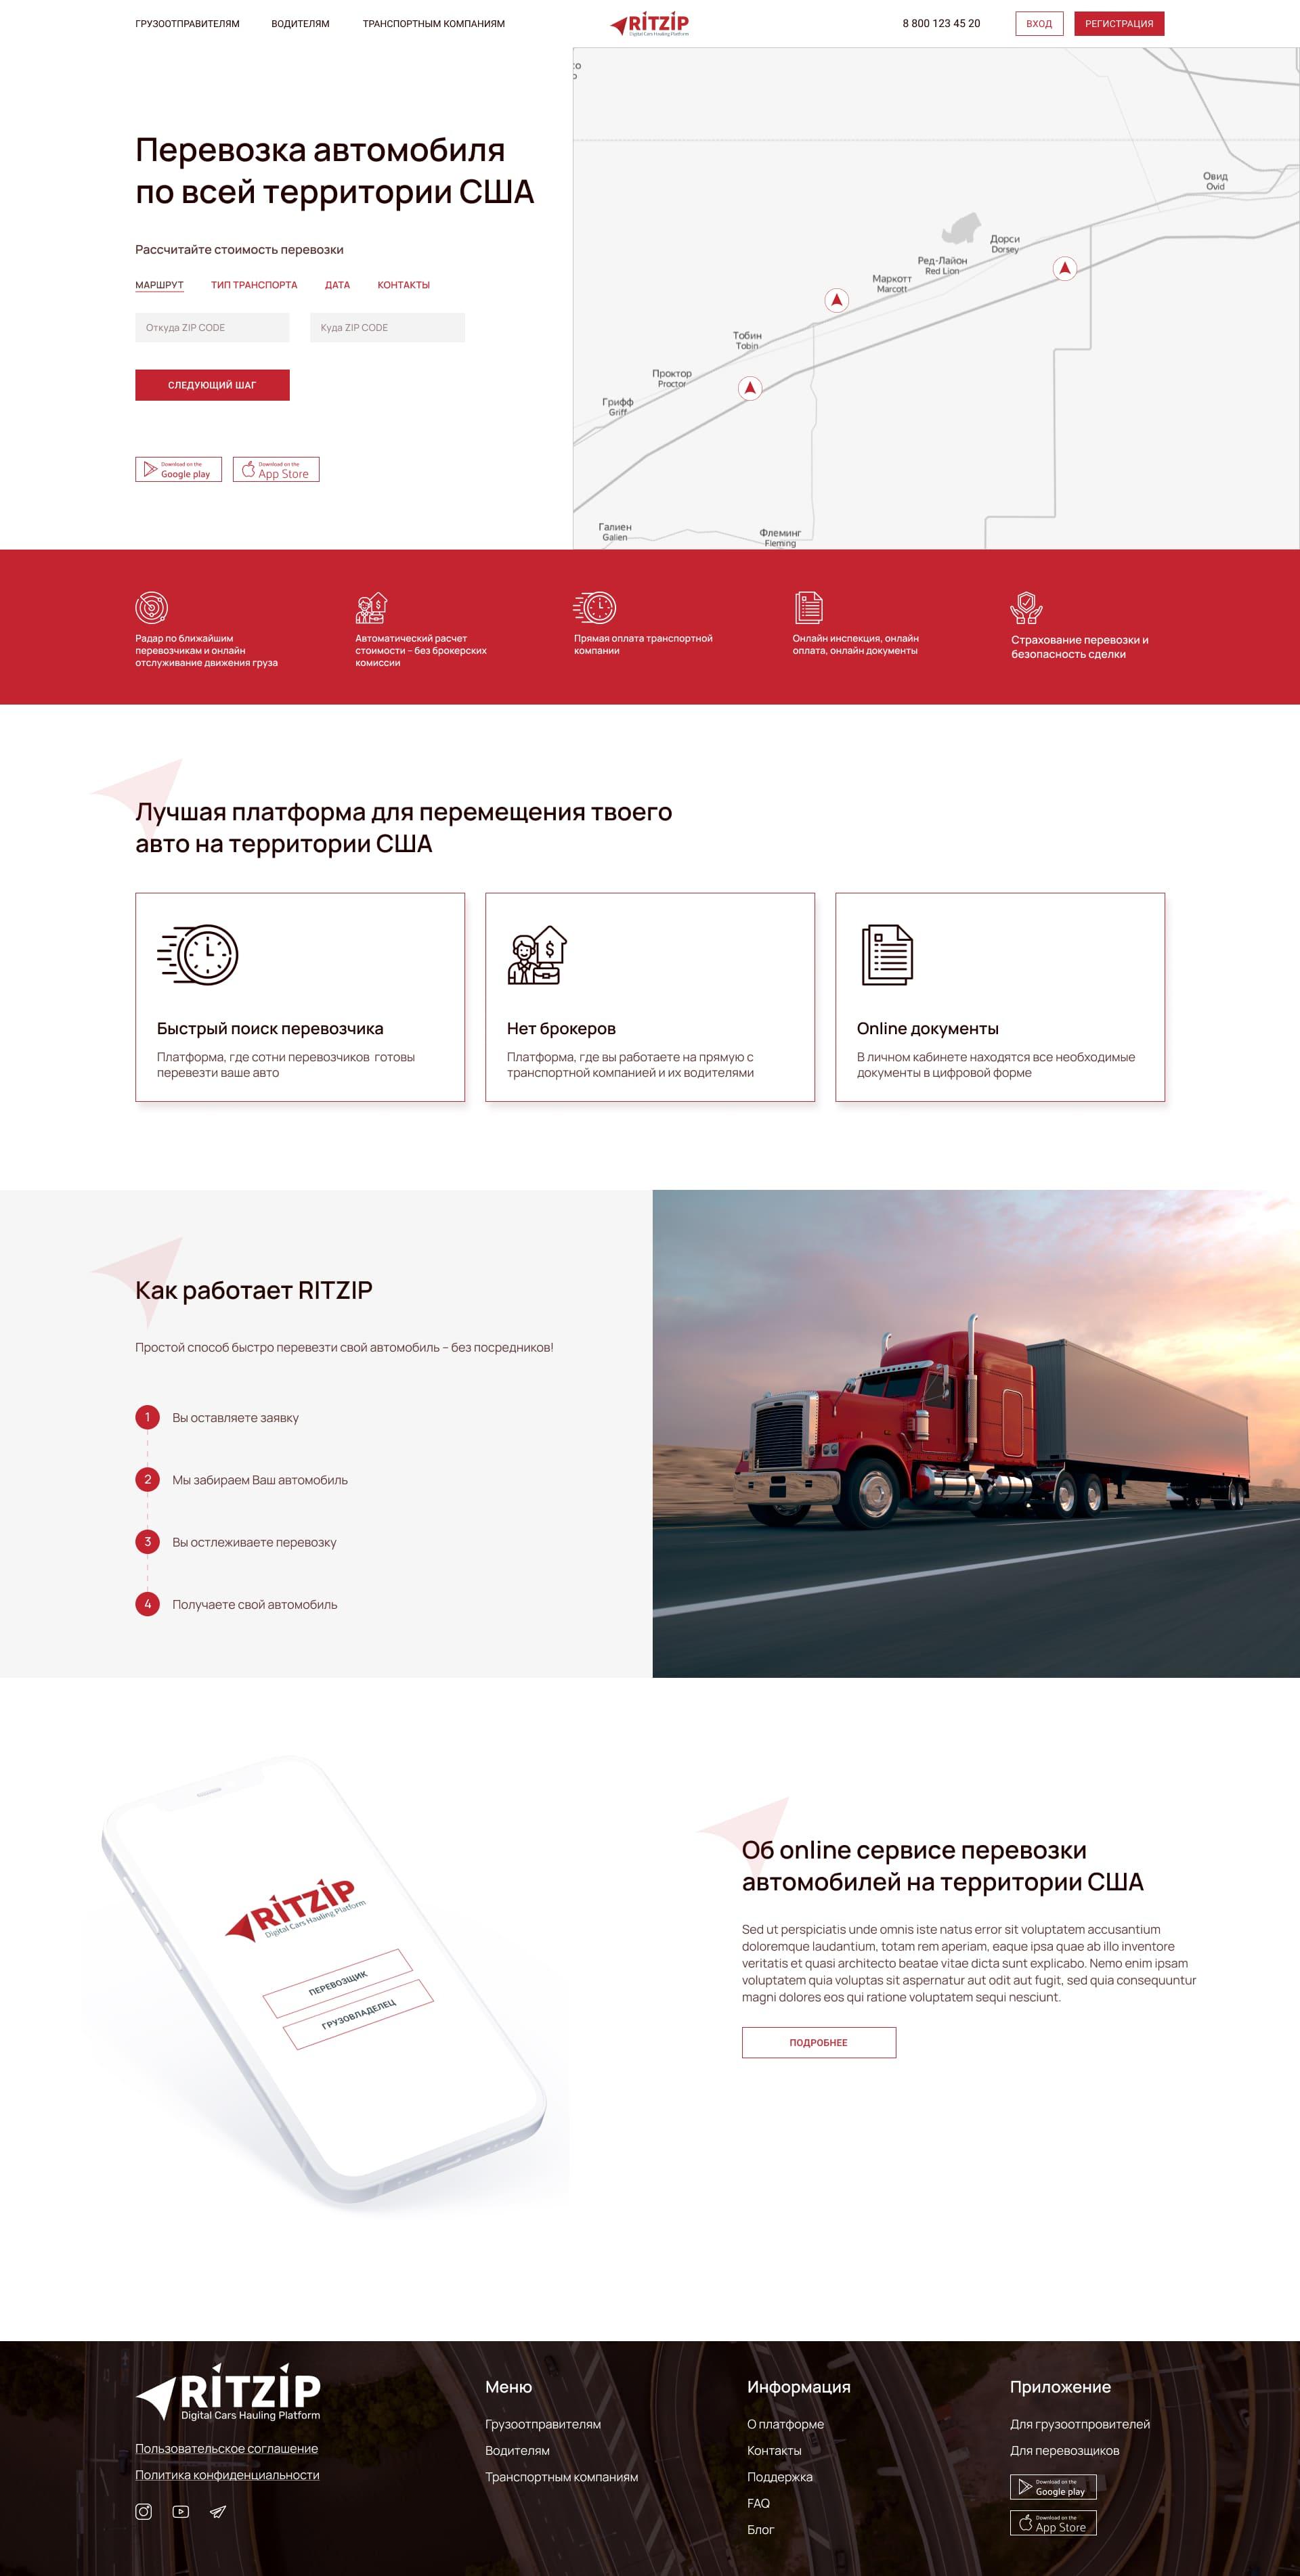 Дизайн сайта - автоперевозка авто в США -car hauling фото f_913608026be9c4ce.jpg